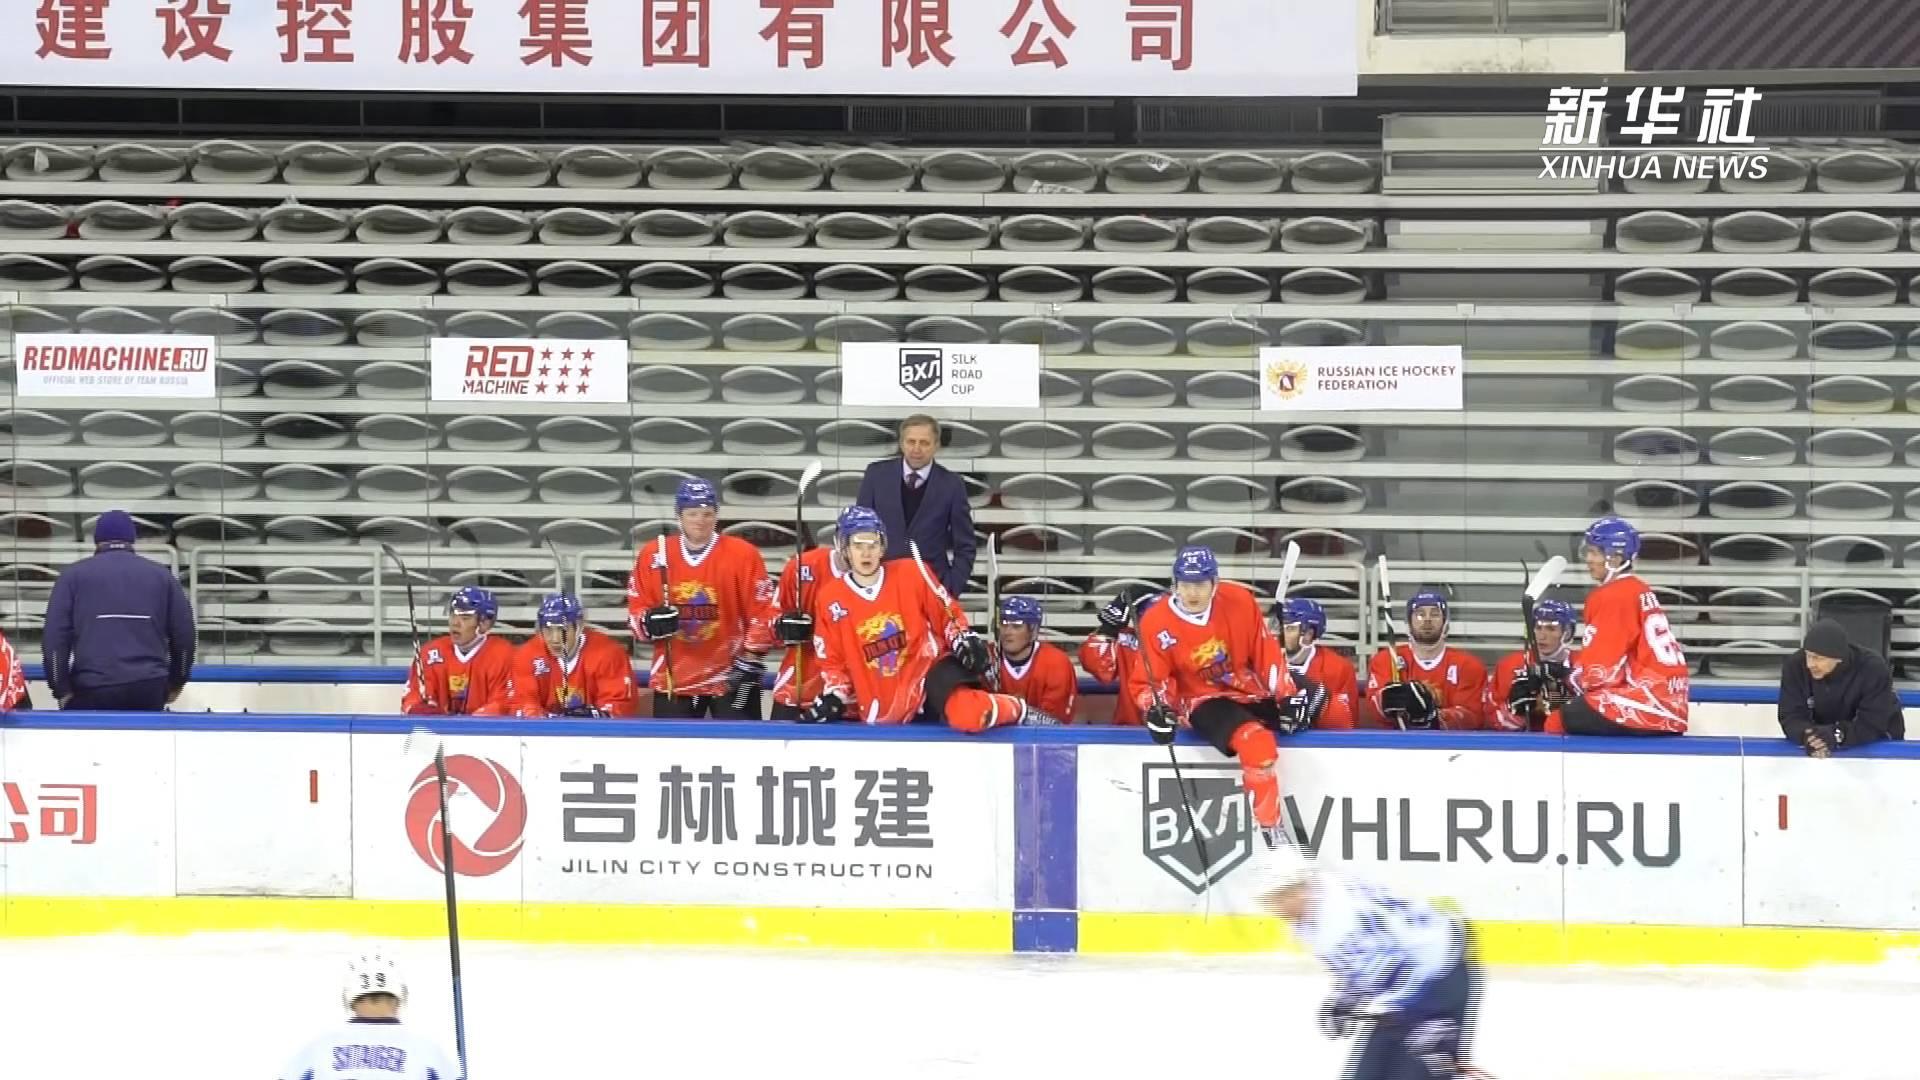 丝路冰球超级联赛吉林市城投队遭遇十连败